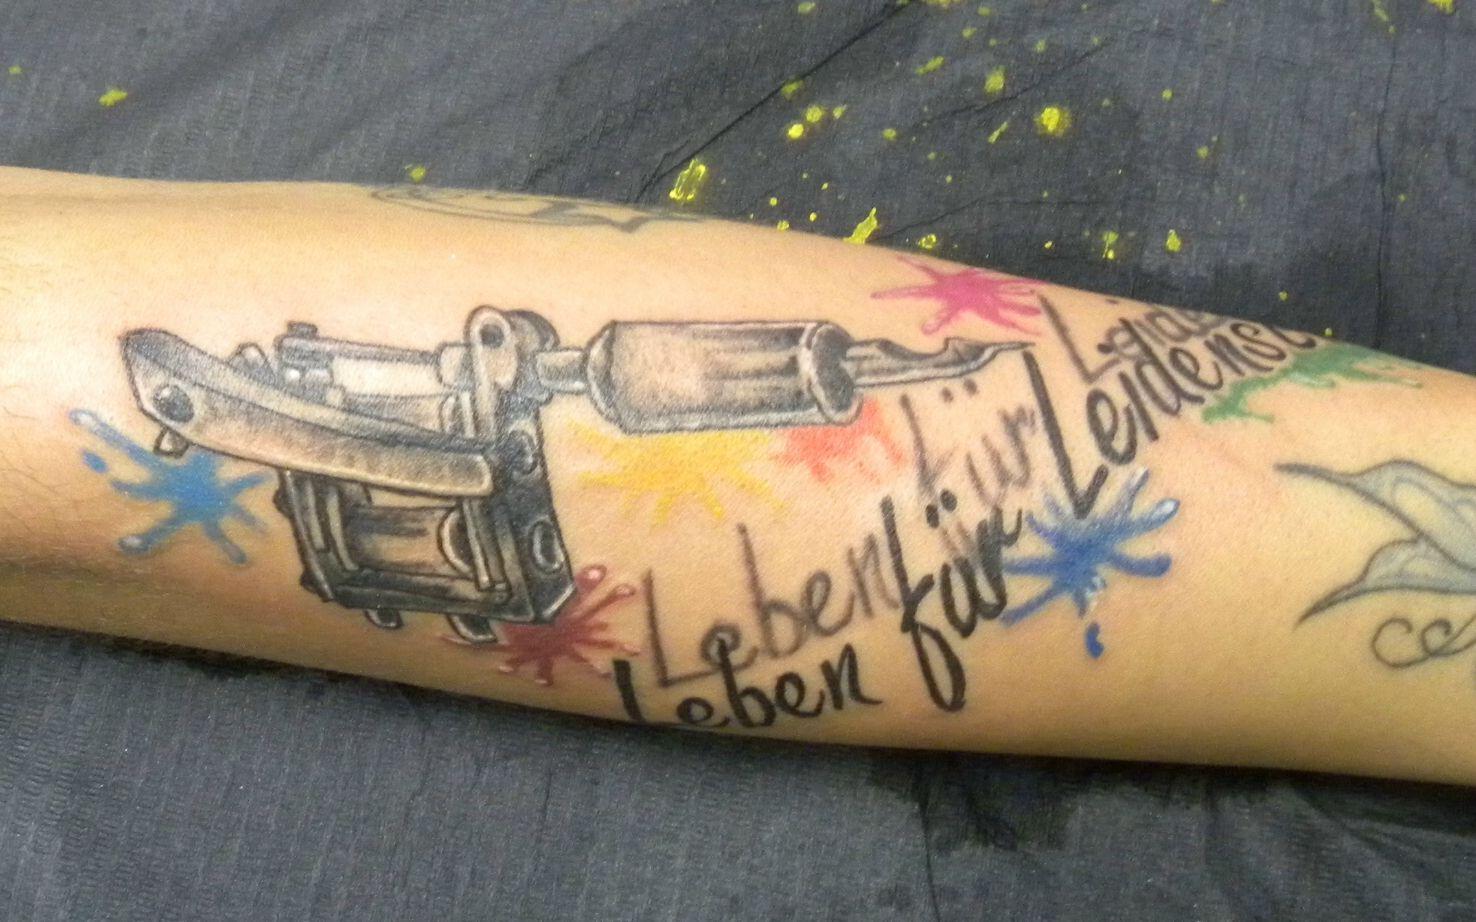 #macchinetta#tatuaggio